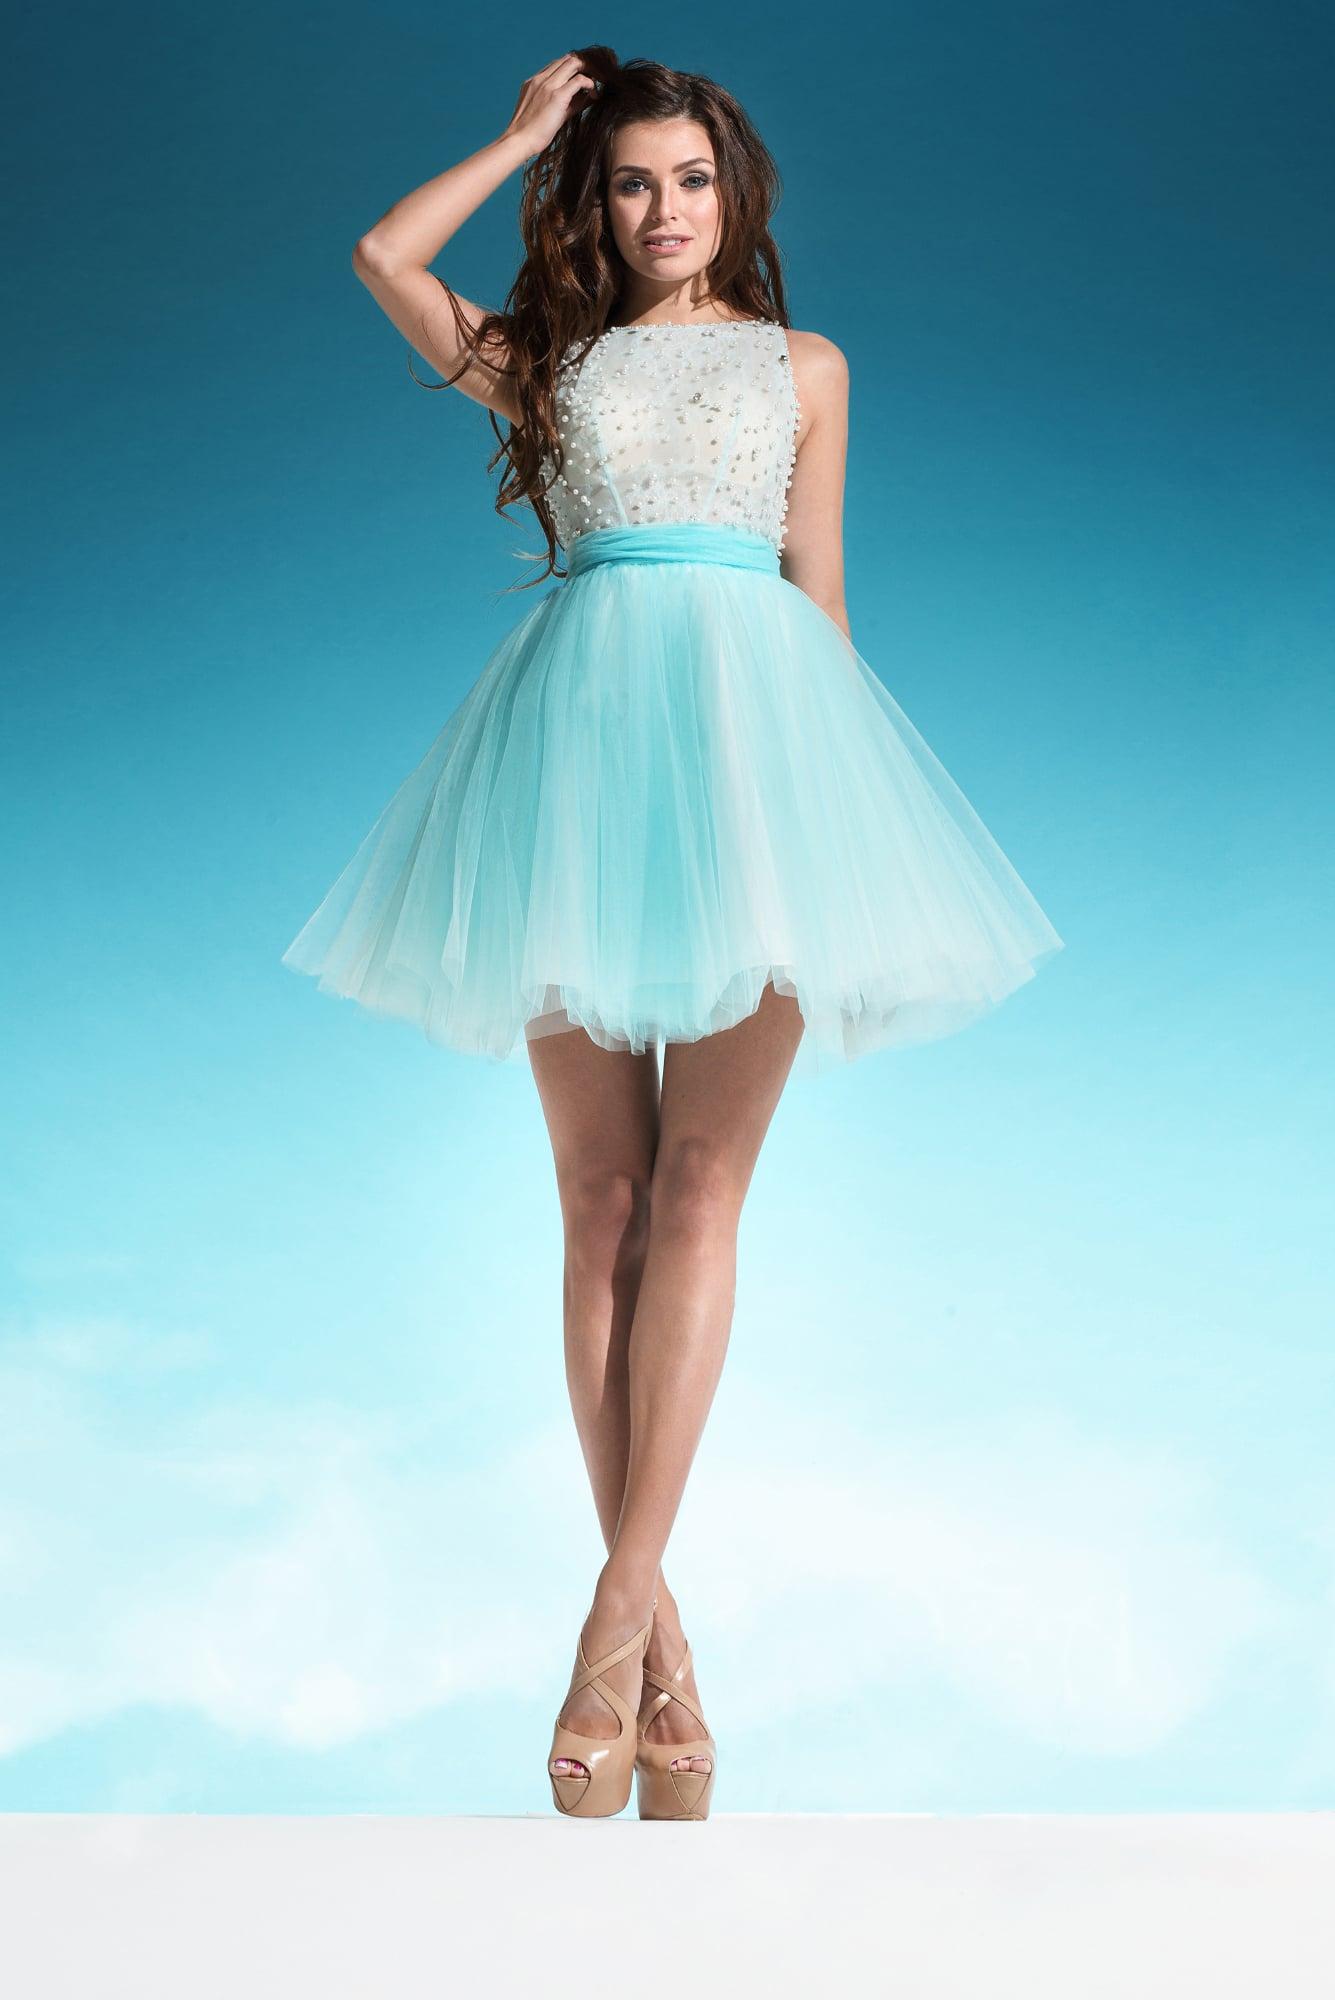 e4260623caf Свадебное платье с короткой многослойной юбкой голубого цвета и бусинами на  лифе.